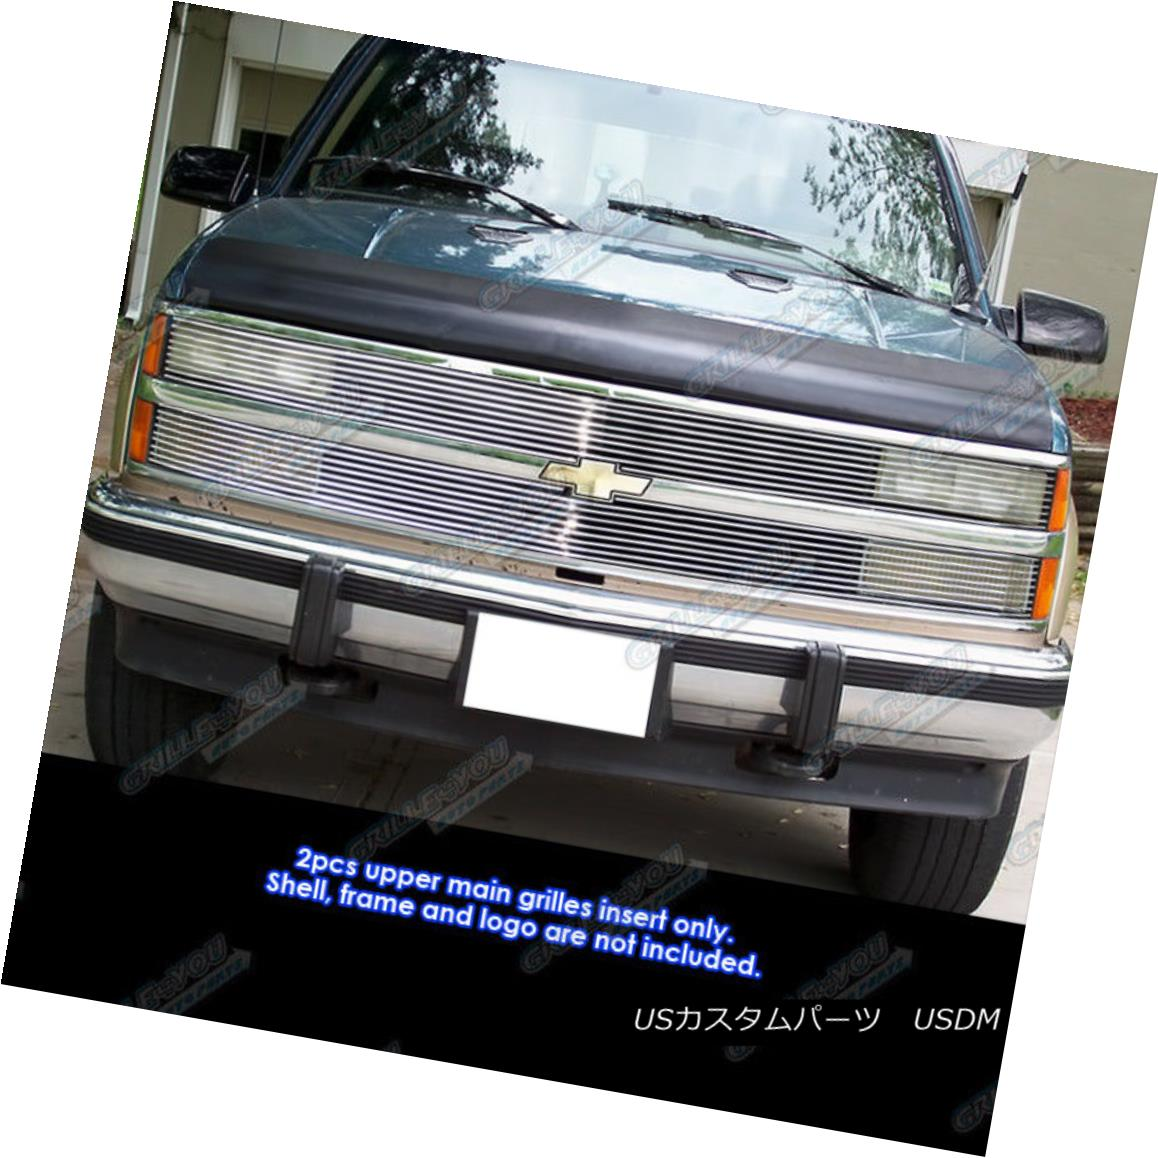 グリル Fits 1988-1993 Chevy C/K Pickup/1992-1993 Suburban/Blazer Phantom Billet Grille 1988-1993 Chevy C / Kピックアップ/ 1992-19 93郊外/ Blaze r Phantom Billet Grille